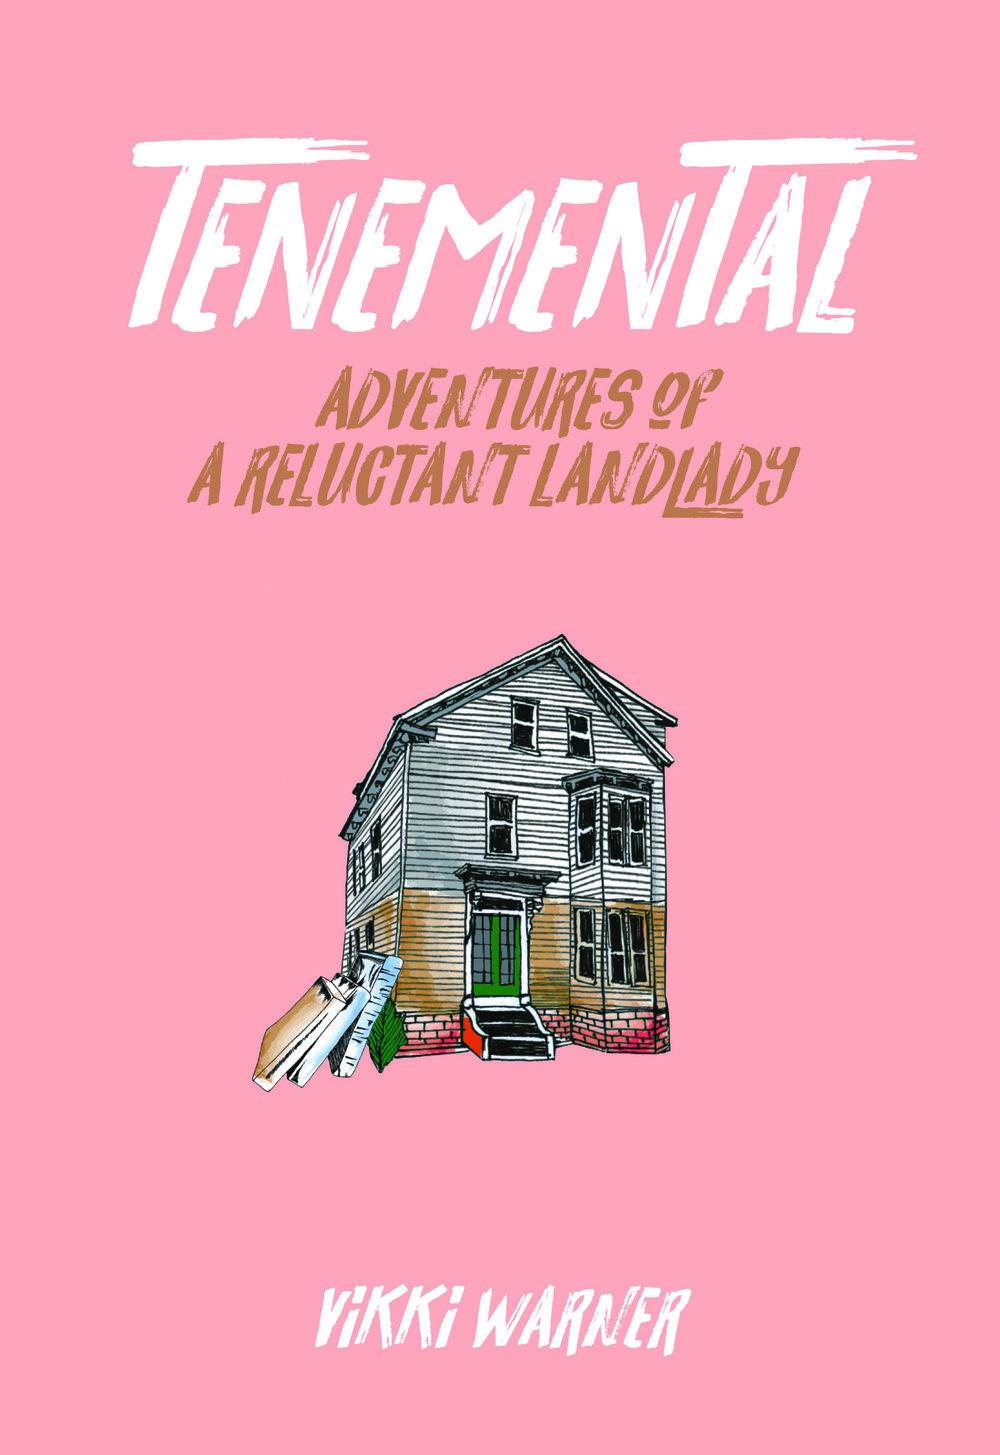 Tenemental by Vikki Warner - Feminist Press